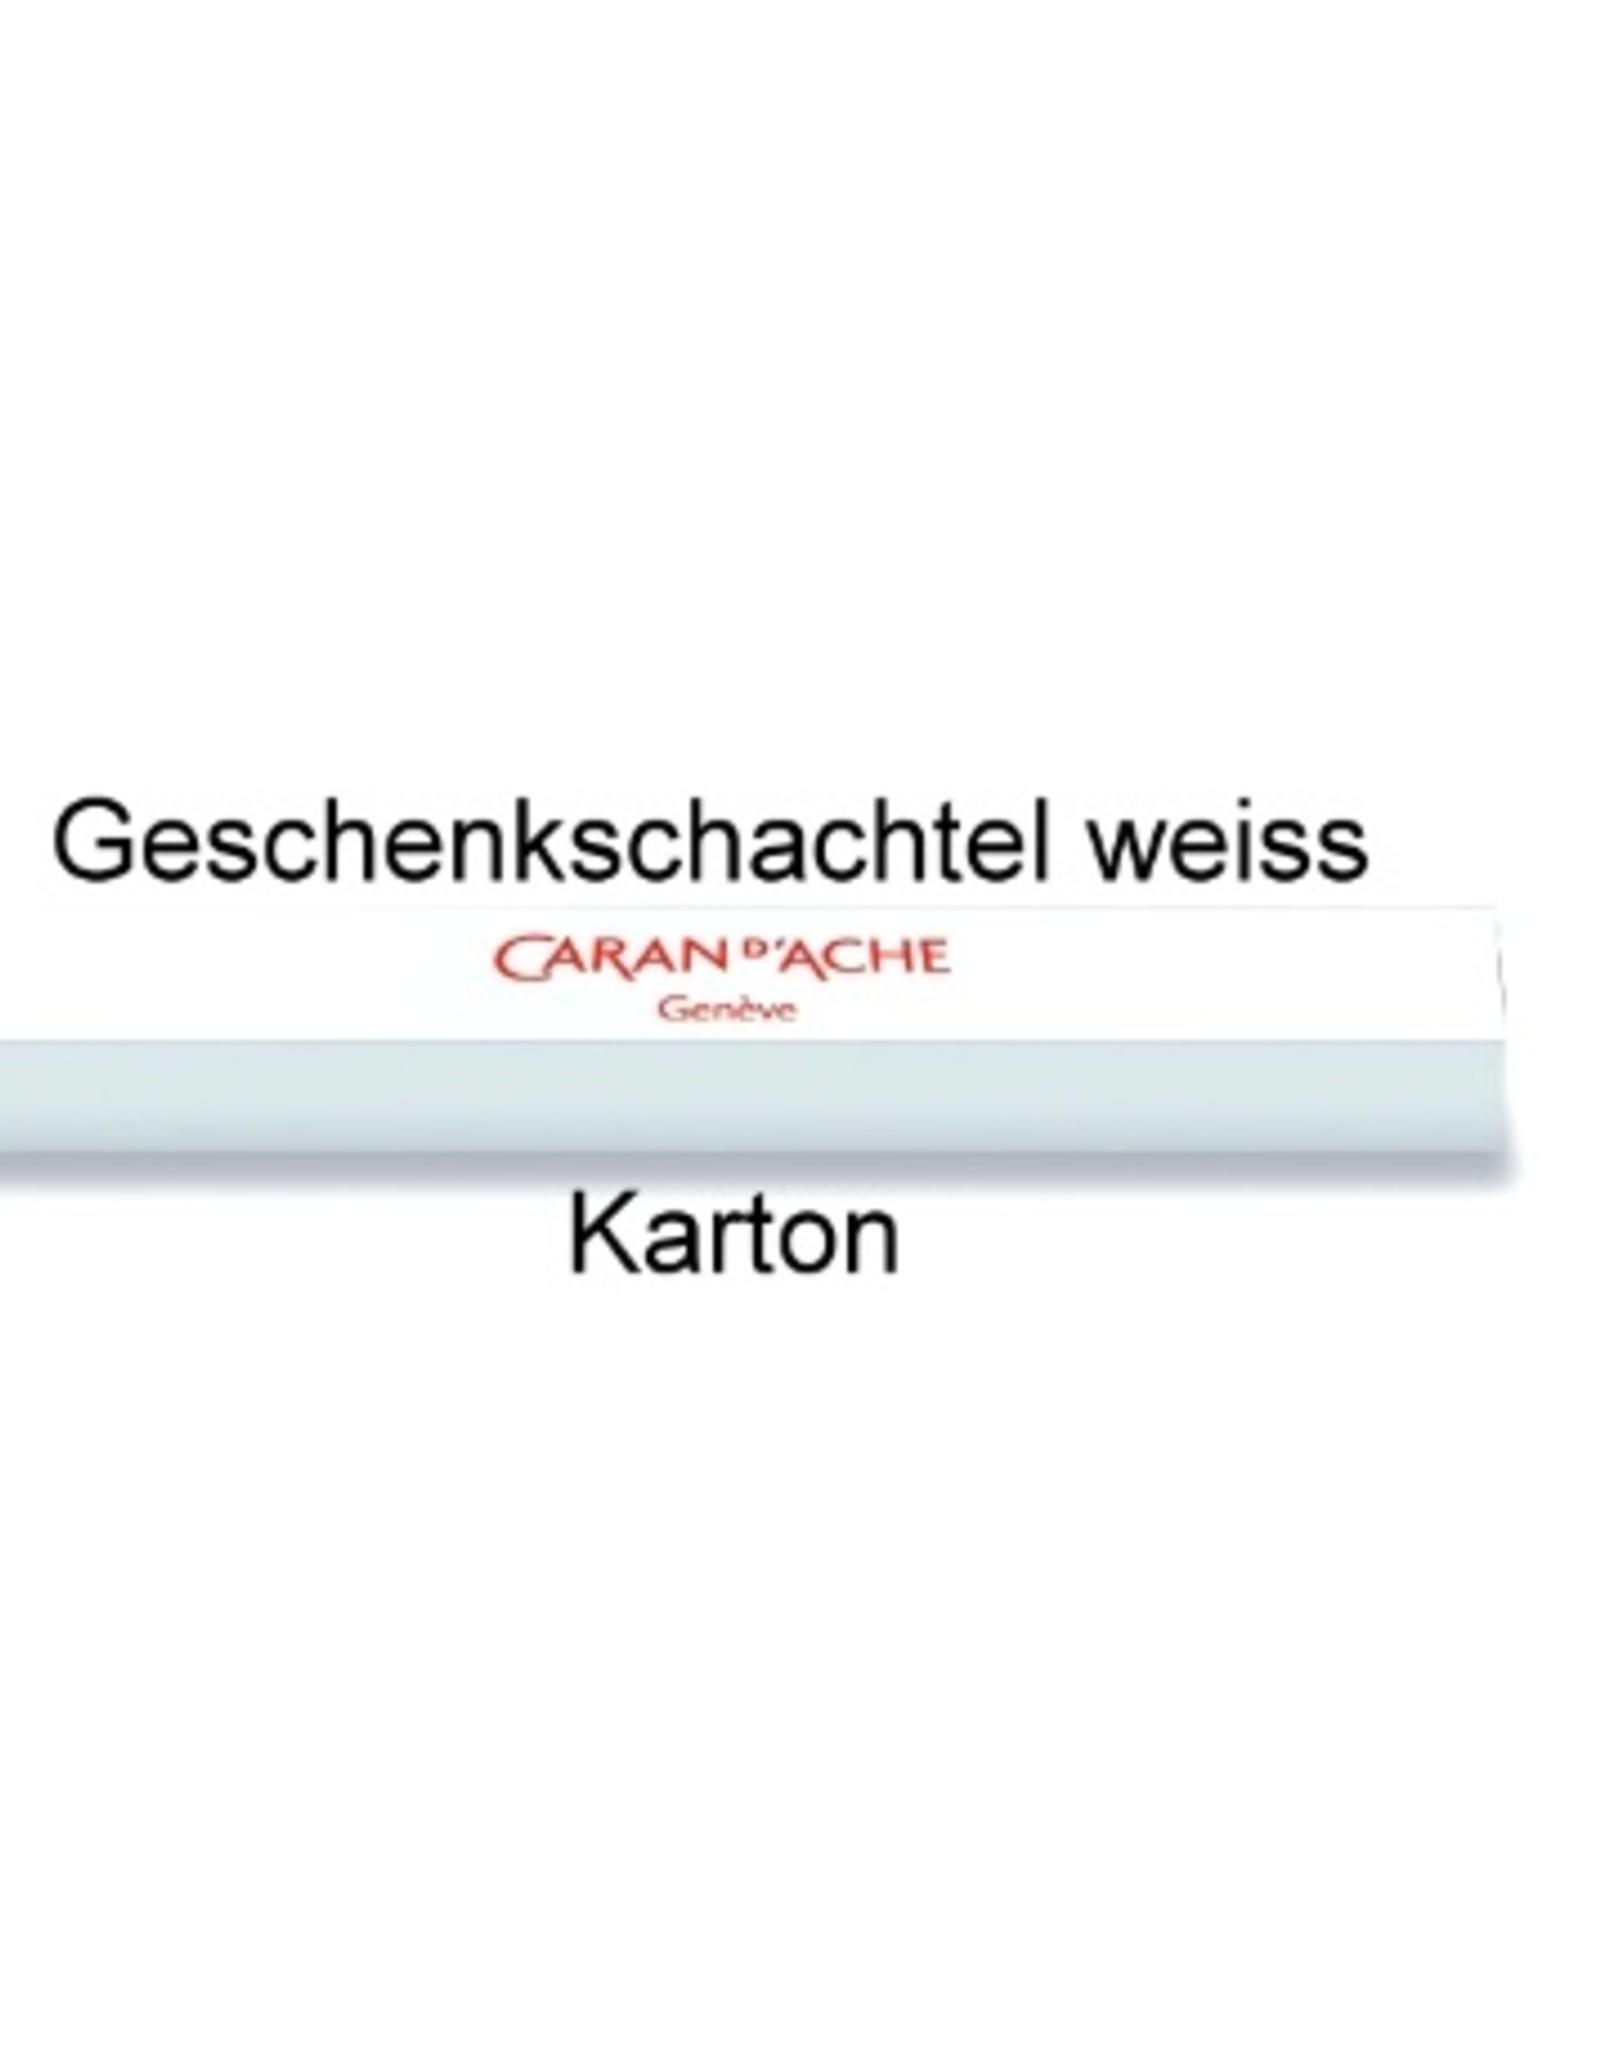 Caran d'Ache Kugelschreiber oder Minenbleistift mit Gravur 849  Classic Line grau